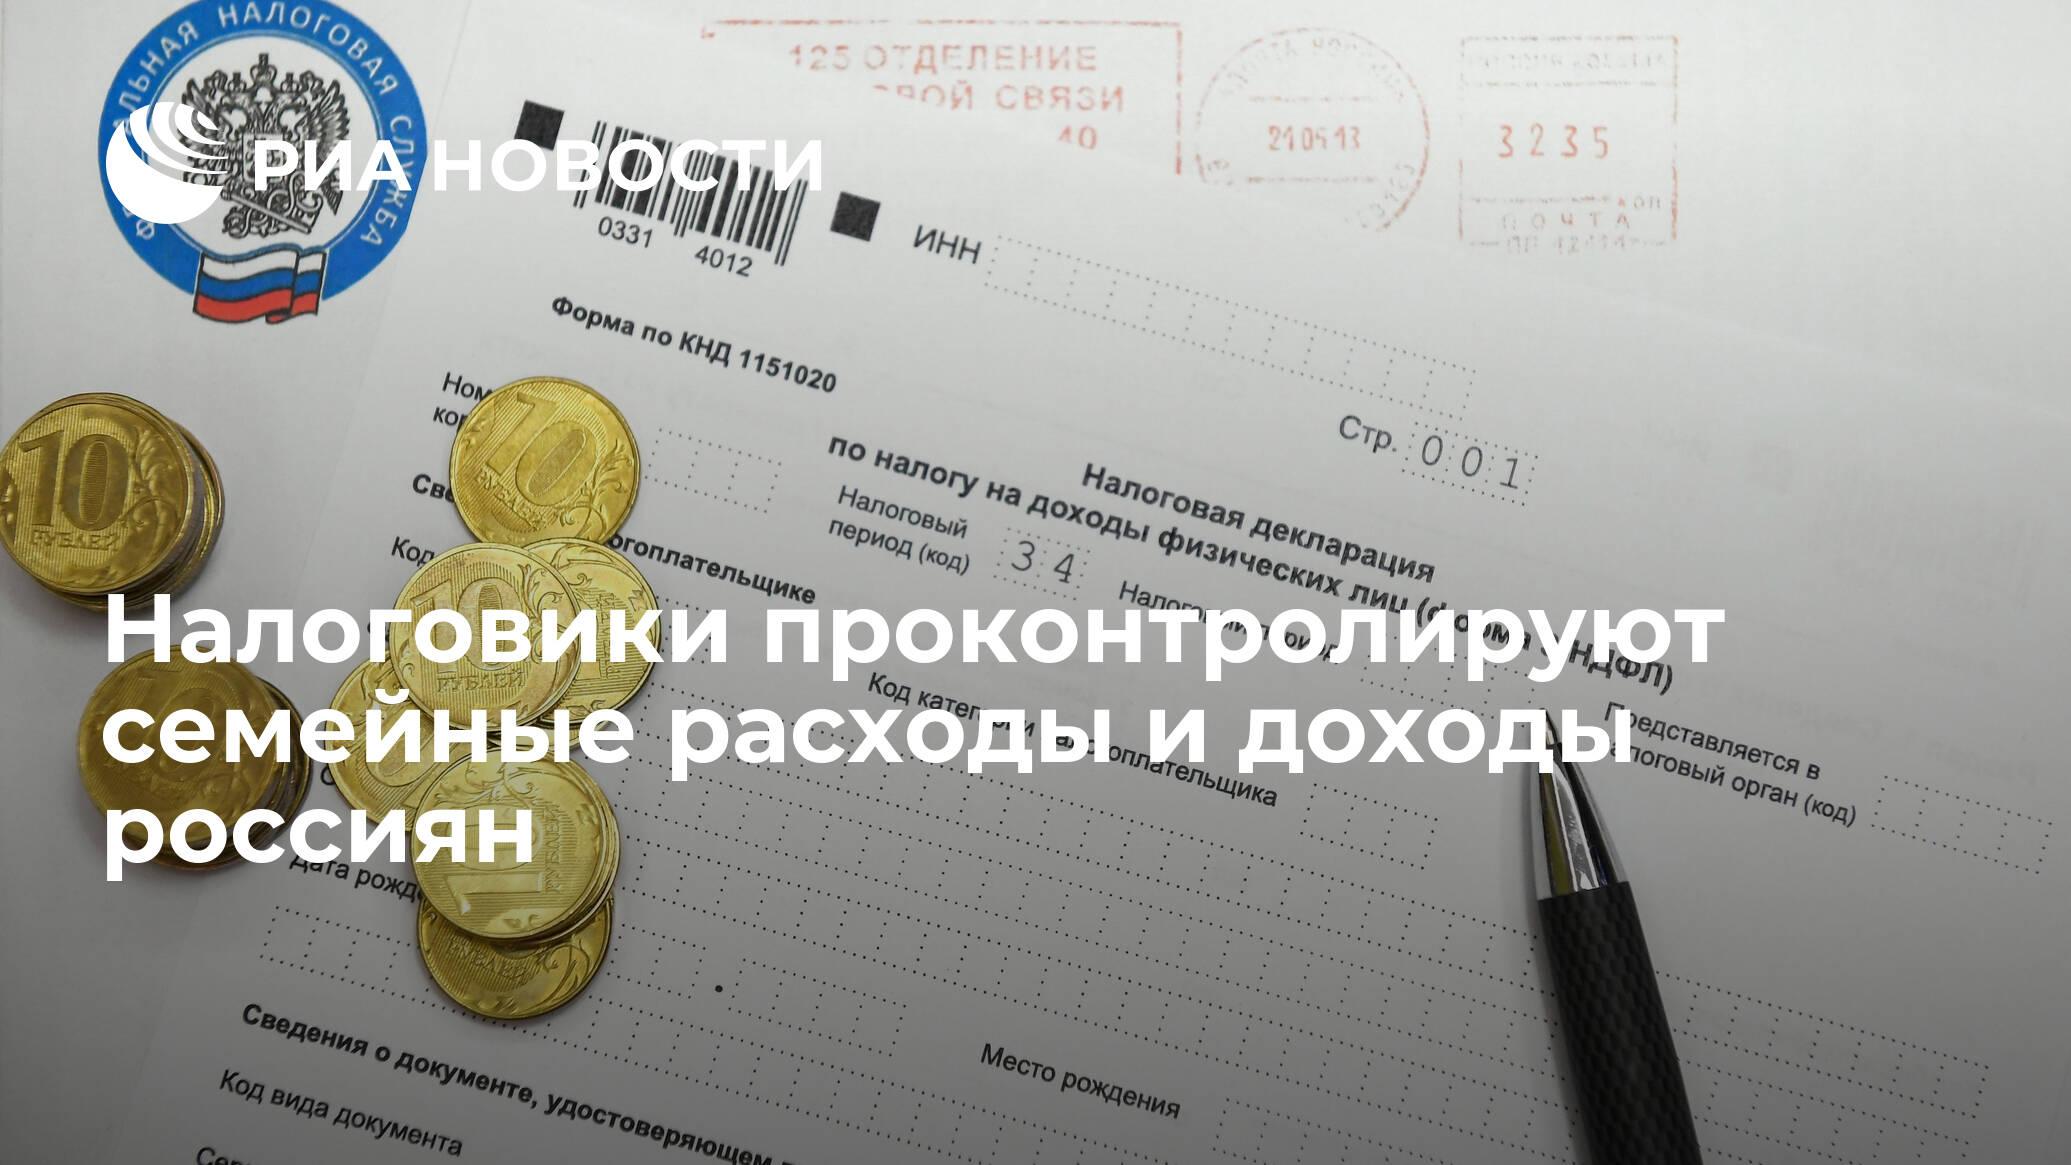 Налоговики проконтролируют семейные расходы и доходы россиян